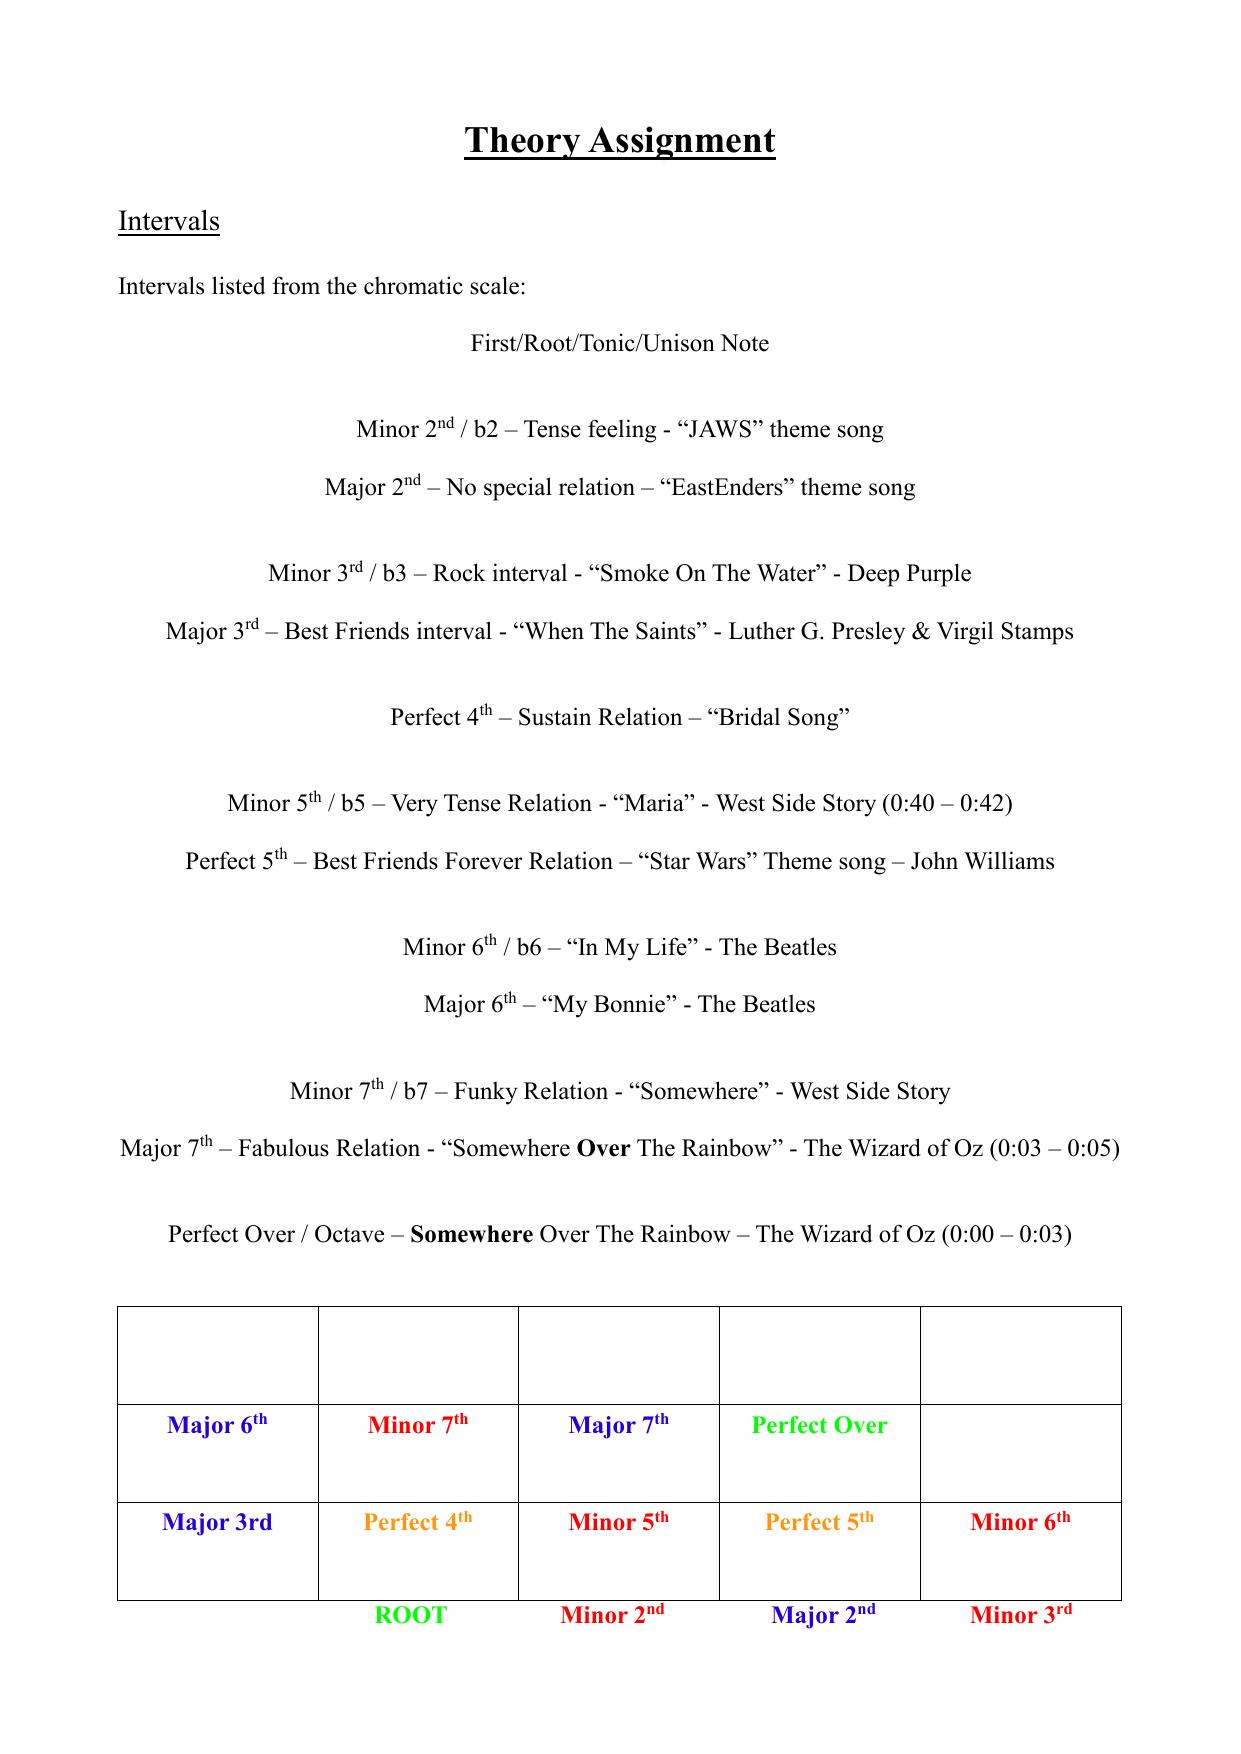 Intervals Assignment 2014